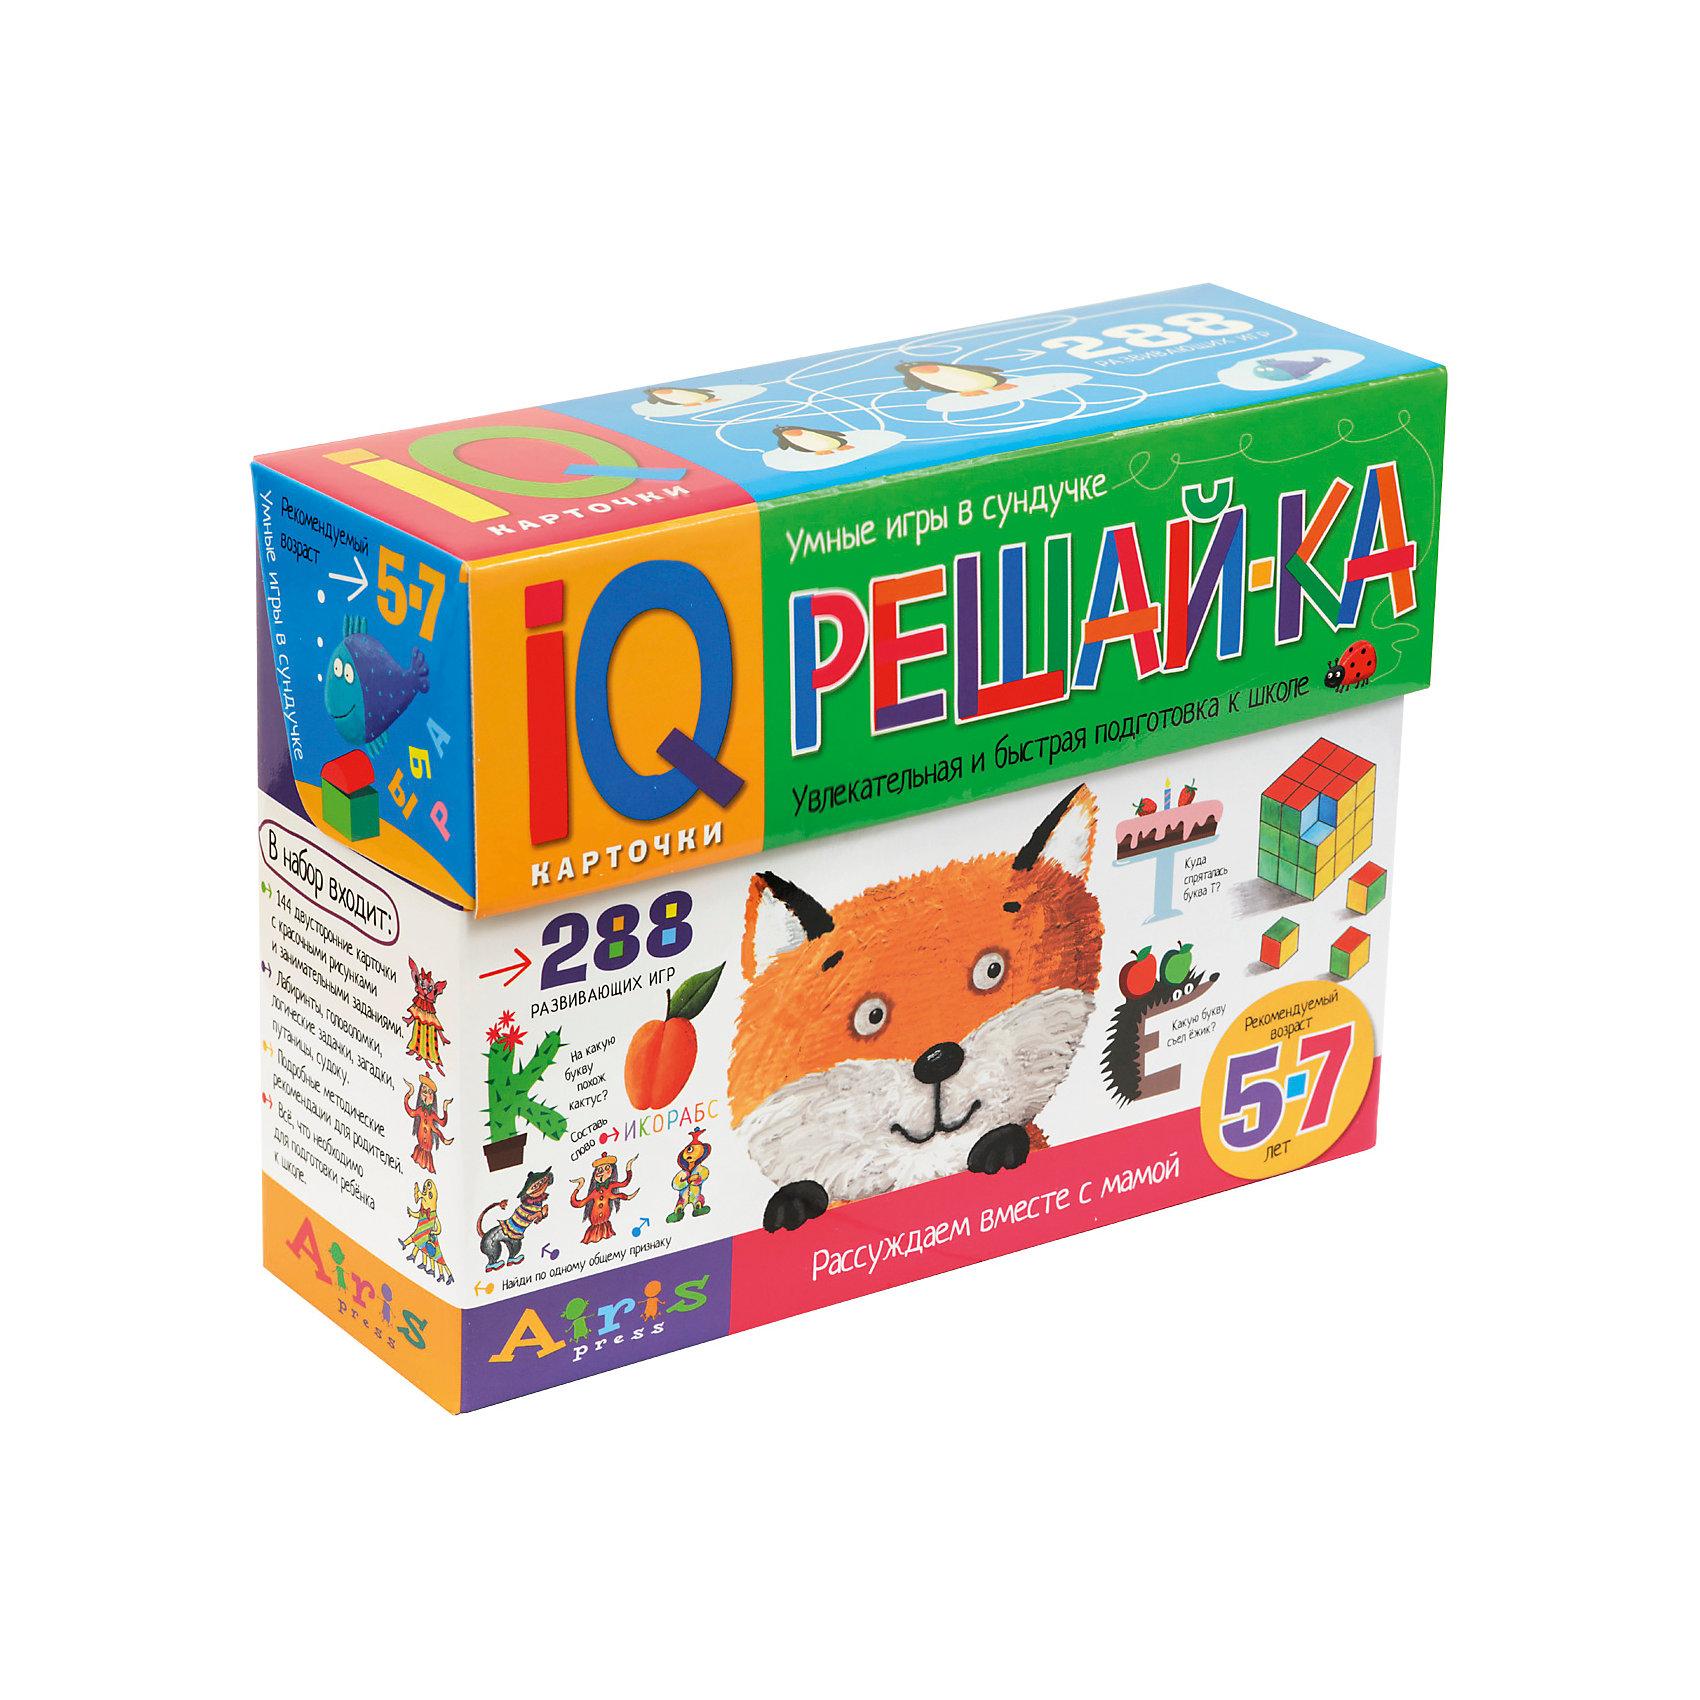 228 игр в коробке Рассуждаем вместе с мамой: решай-ка, Куликова Е НКниги для развития мышления<br>Издание представляет собой набор игровых карточек для всестороннего развития ребёнка 5-7 лет. В набор входят 144 двусторонние карточки с заданиями, которые направлены на развитие основных психических функций: сенсорики, внимания и памяти, мышления, воображения и речи. Дети могут выполнять задания тремя способами: устно,  показывать пальчиком, письменно. В последнем случае  карточку удобно поместить в прозрачный файл формата А5. С одной стороны, он защитит бумагу от повреждений, а с другой, позволит многократно использовать карточку, поскольку с плёнки легко удалить фломастер, пластилин или краску. &#13;<br>В методическом пособии  даны примерные вопросы к каждому заданию, на которые ребёнку нужно ответить и ответы, по которым родители смогут проверить правильно ли ребенок справился с работой. &#13;<br>Издание адресовано родителяи и воспитателям детских дошкольных учреждений.<br><br>Ширина мм: 80<br>Глубина мм: 220<br>Высота мм: 165<br>Вес г: 1300<br>Возраст от месяцев: 60<br>Возраст до месяцев: 84<br>Пол: Унисекс<br>Возраст: Детский<br>SKU: 6849580